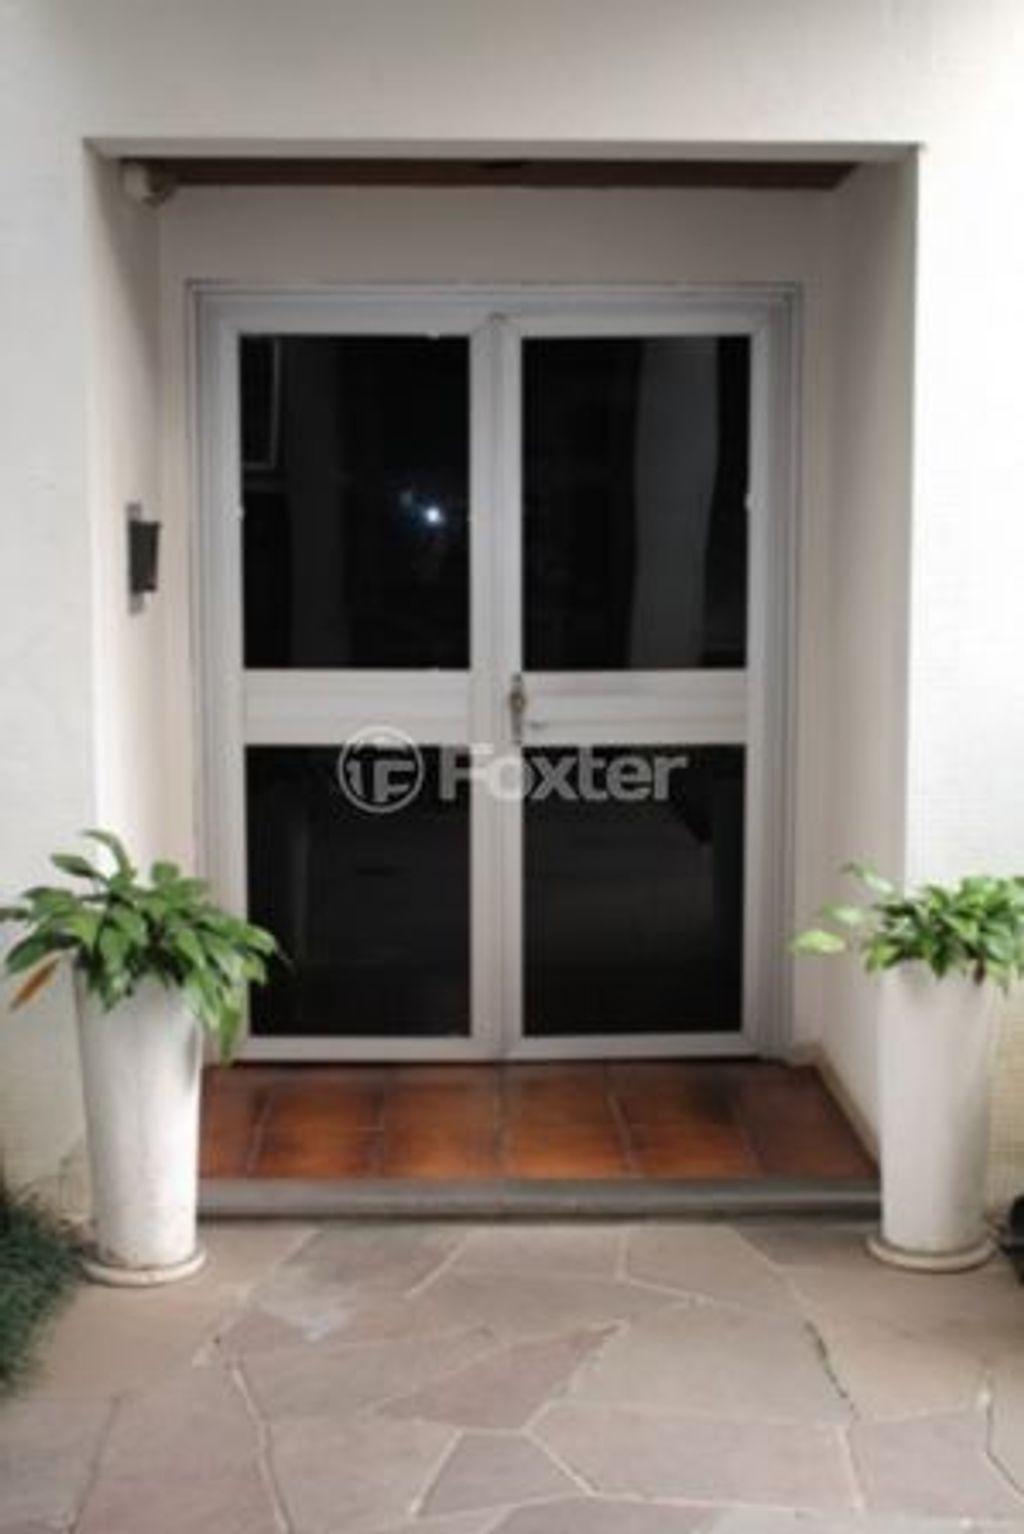 Foxter Imobiliária - Apto 3 Dorm, São João (12203) - Foto 2